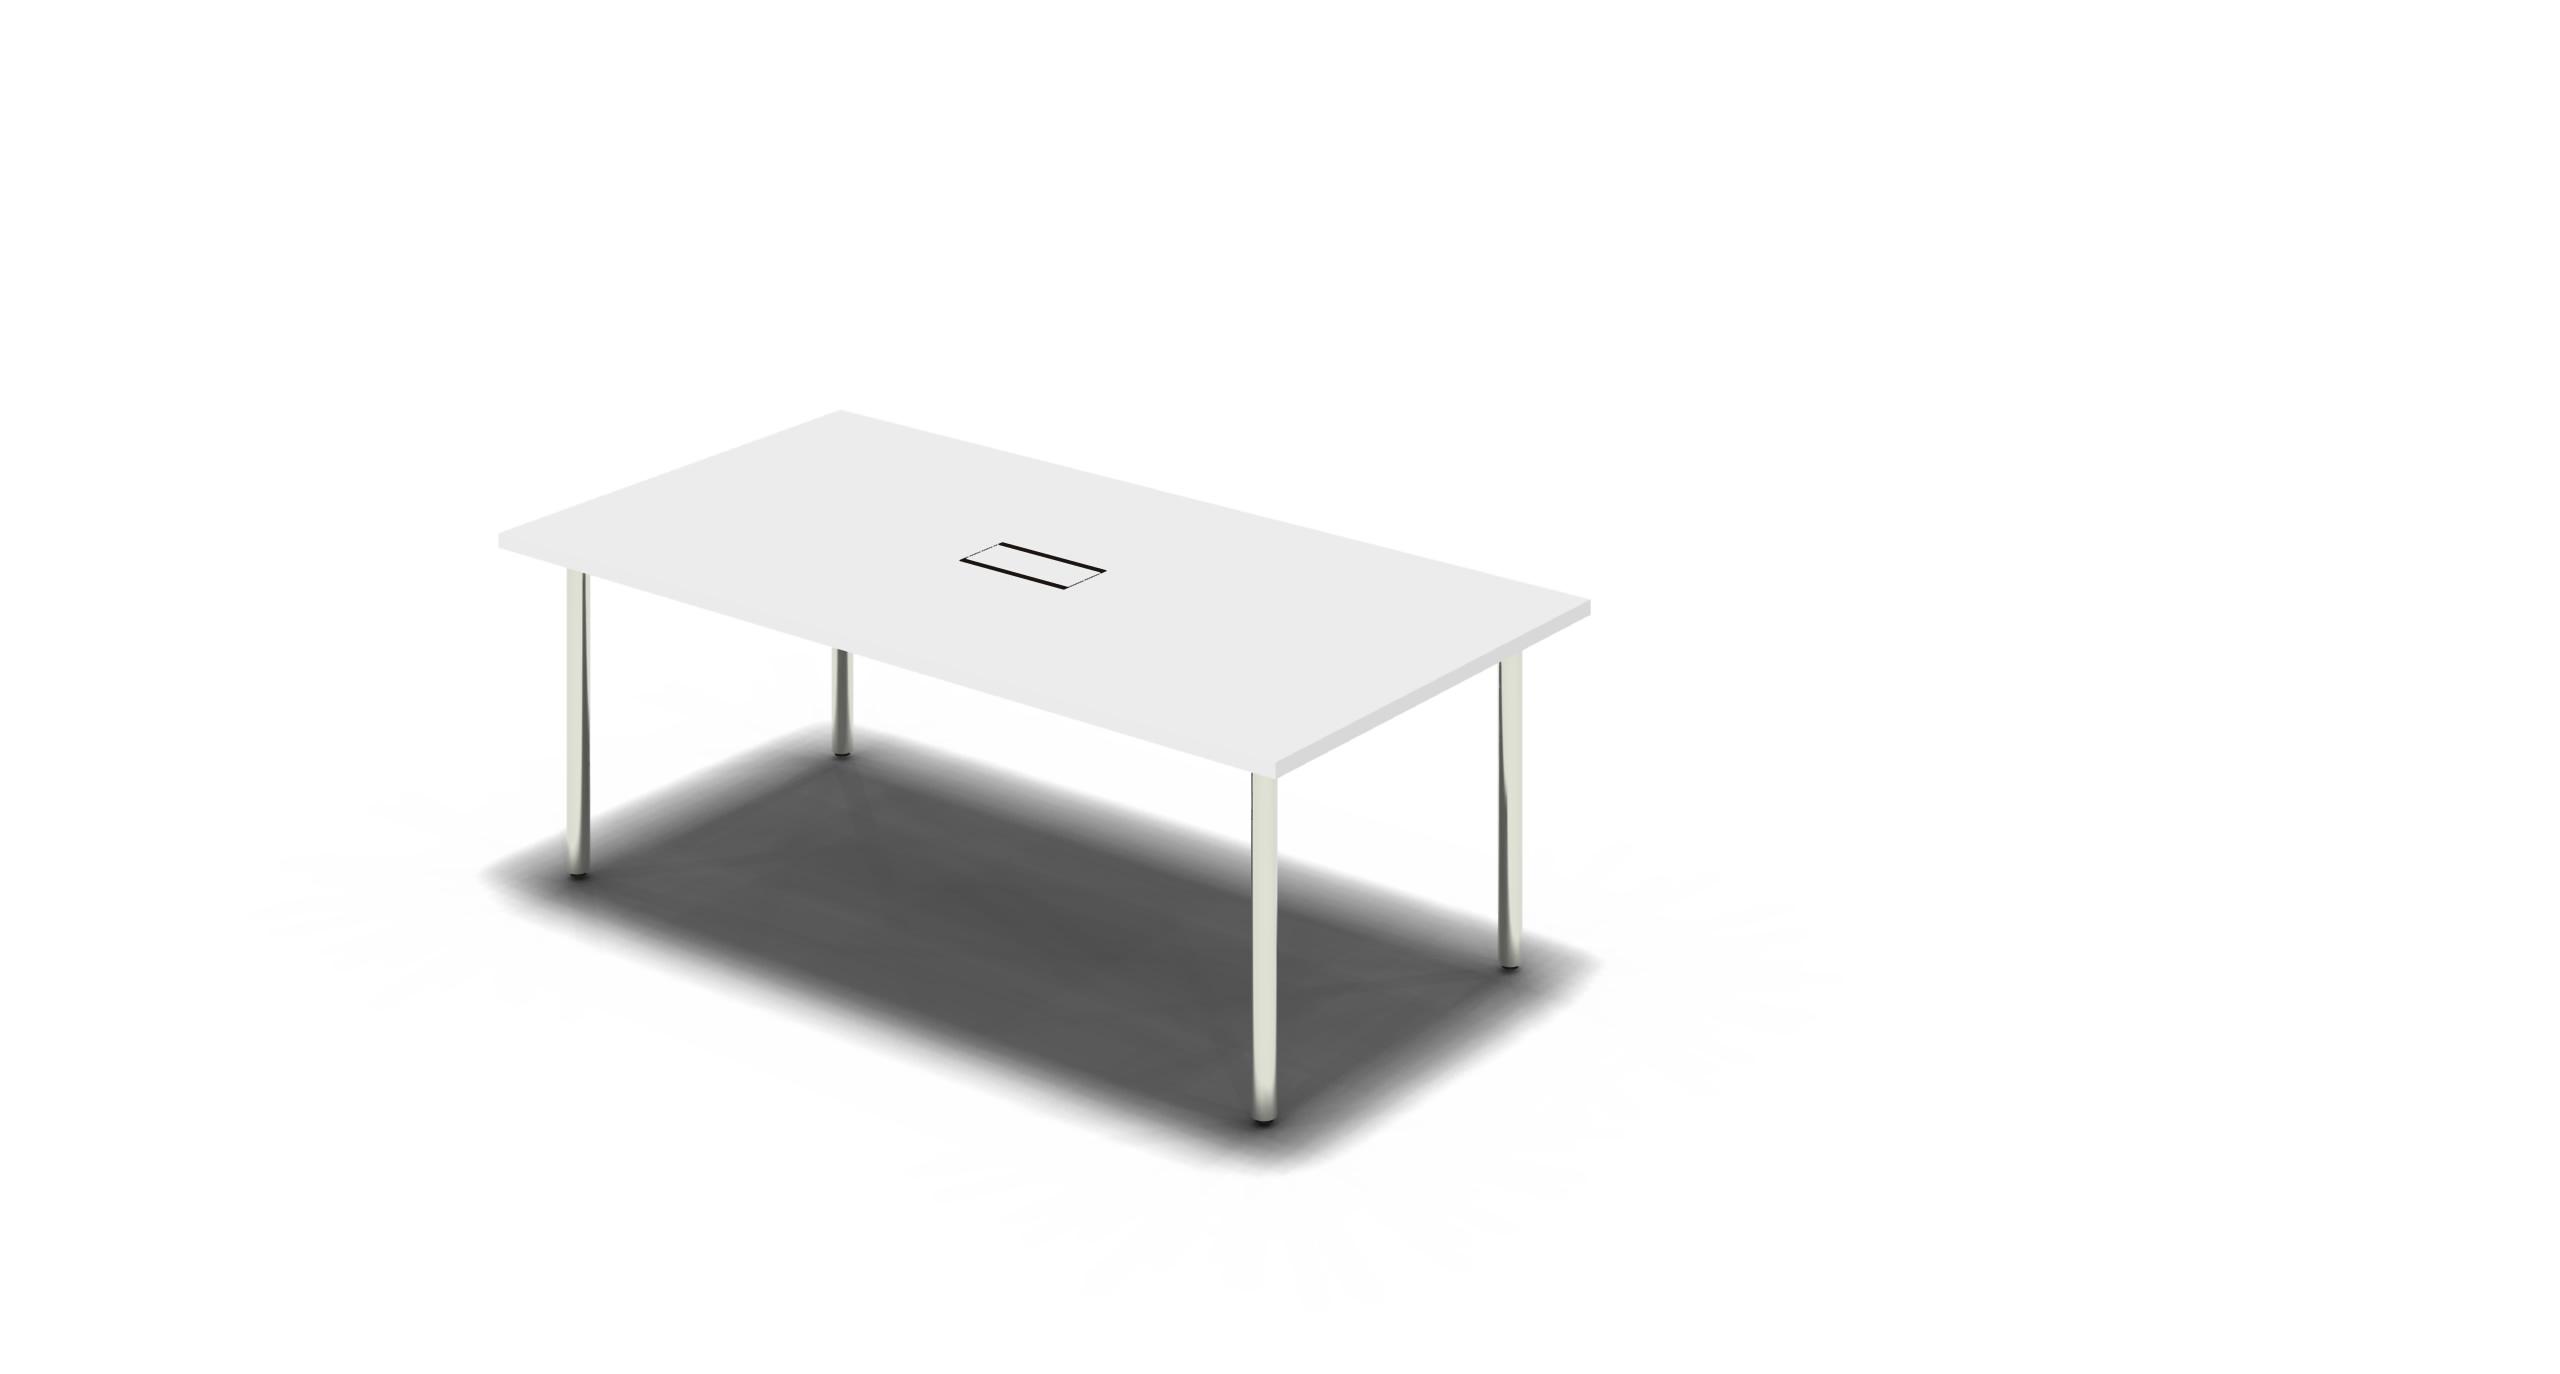 Table_Round_1800x900_Chrome_White_withOption